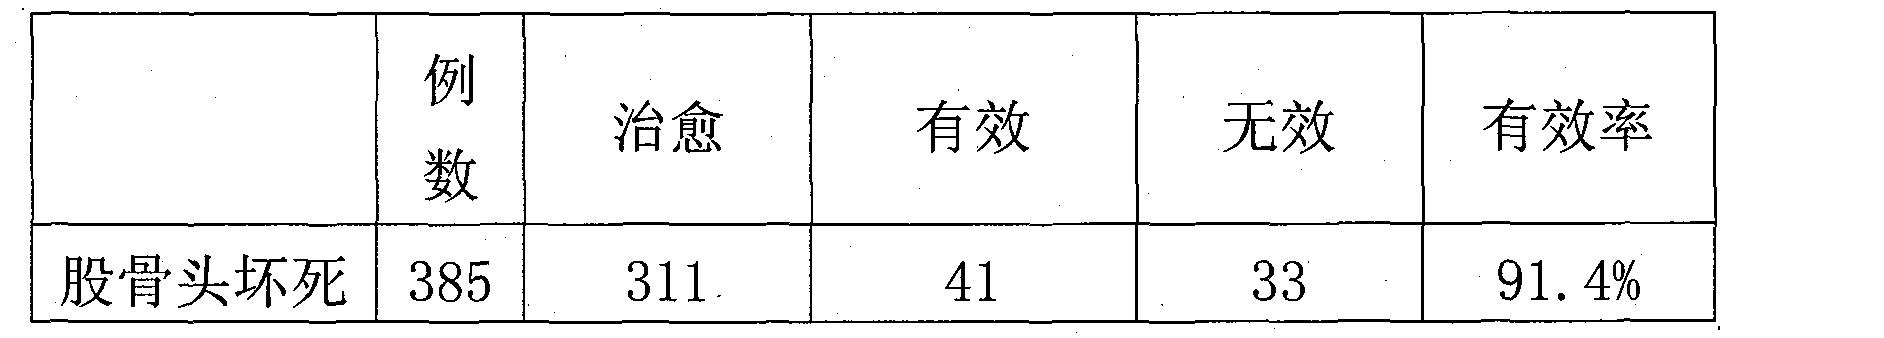 Figure CN101961458BD00131